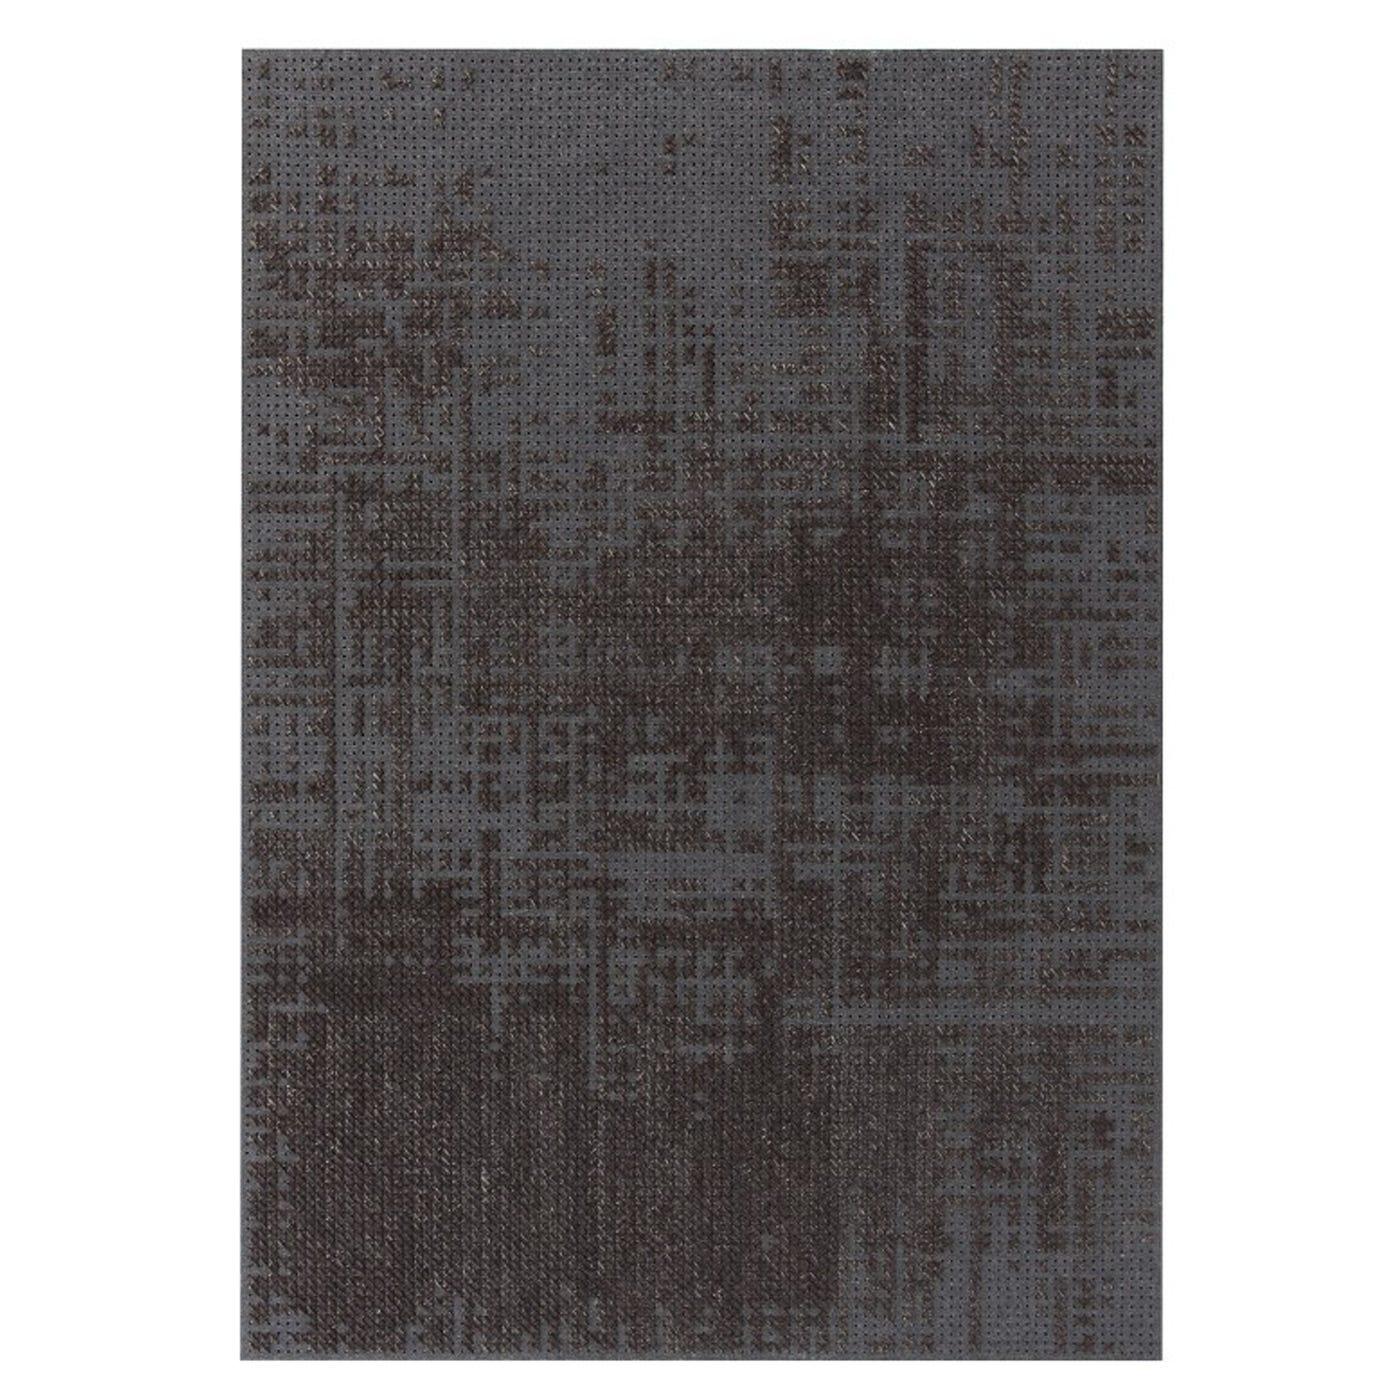 Canevas Abstract Charcoal Rug